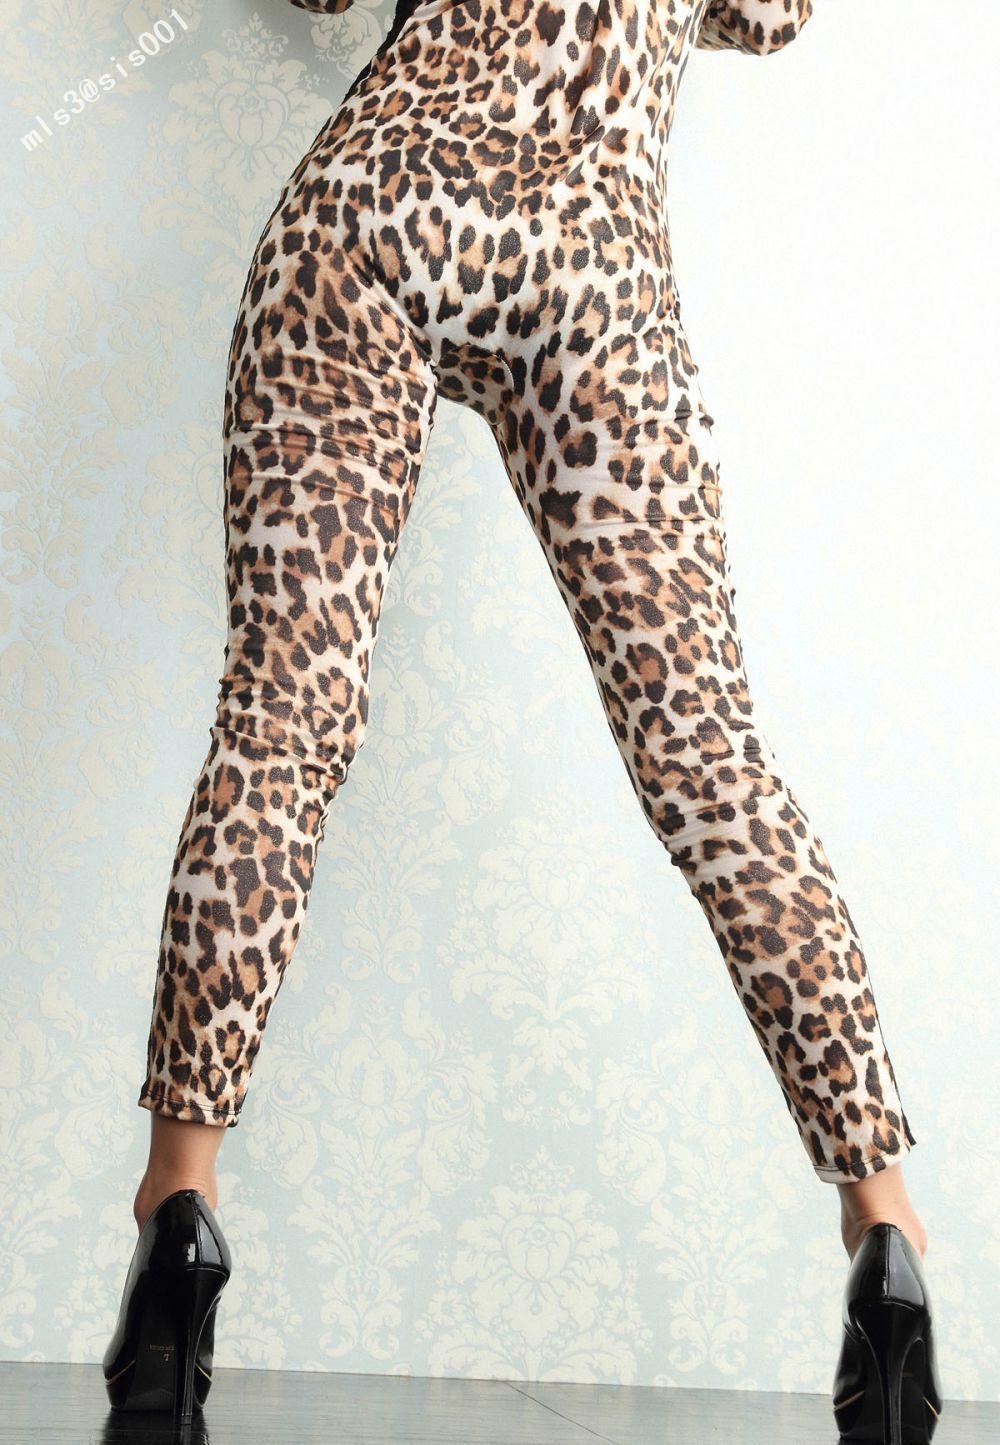 豹纹连体裤美女 abcy0